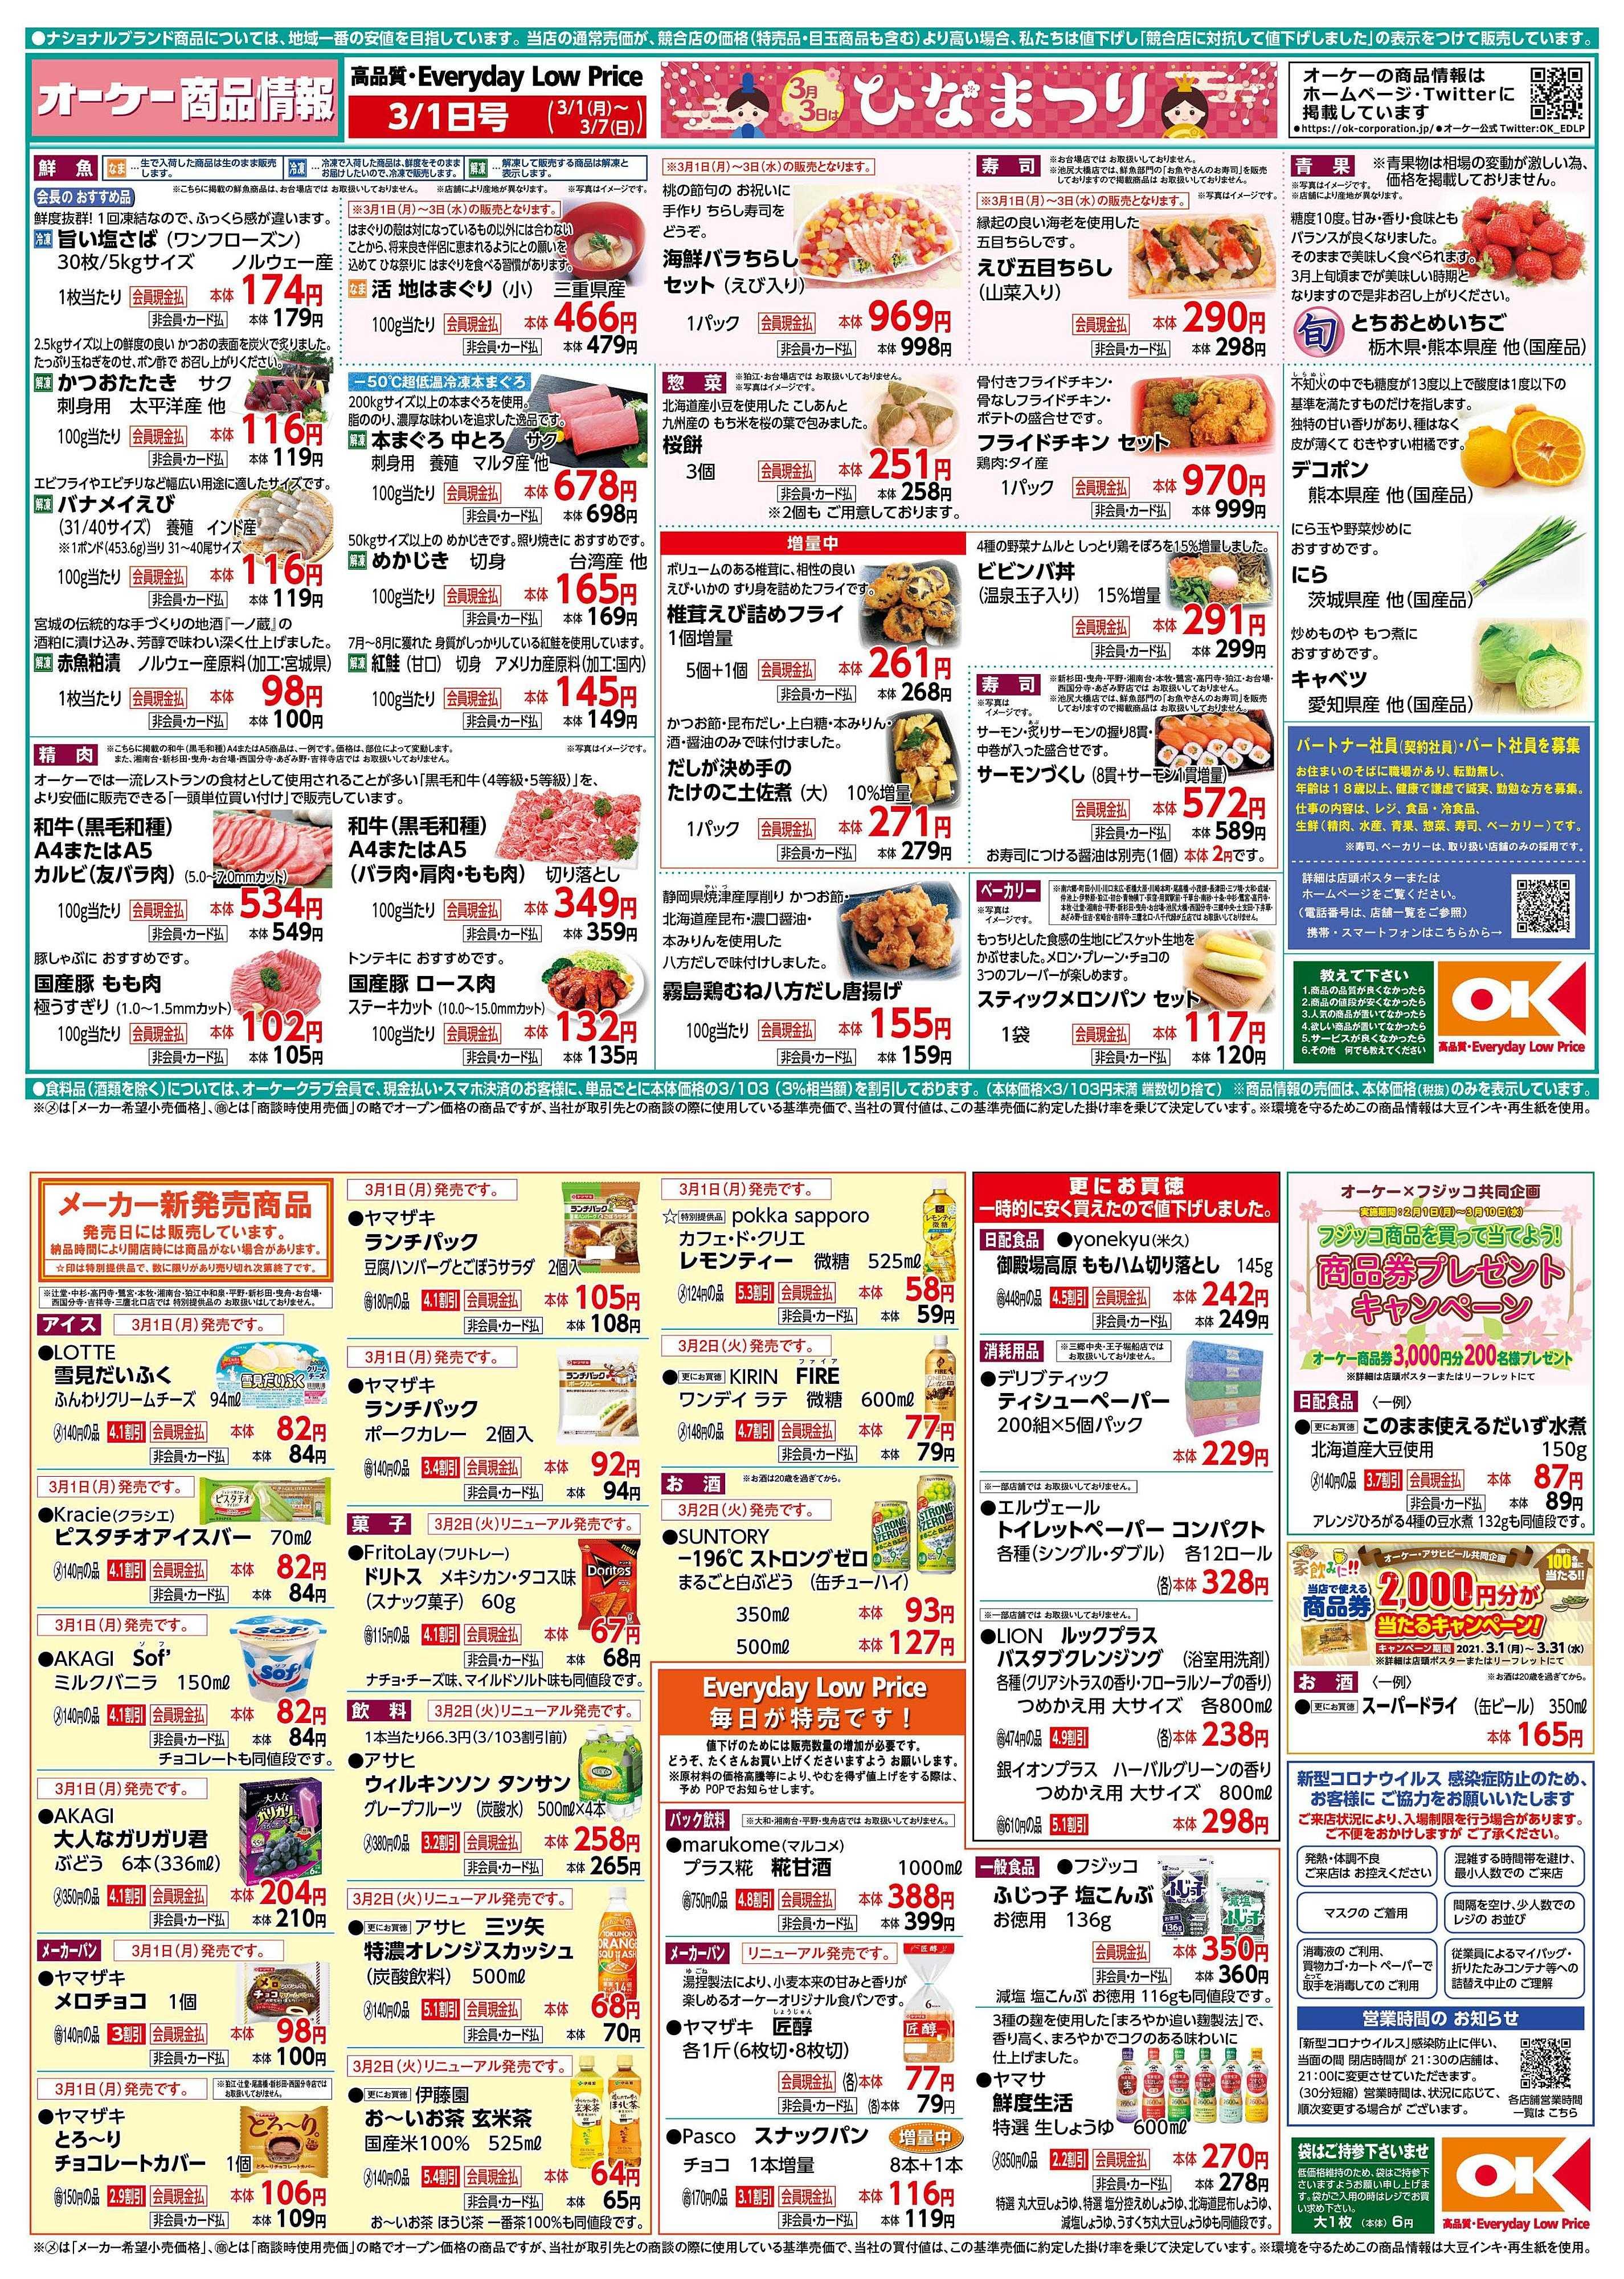 オーケー 商品情報紙3月1日号